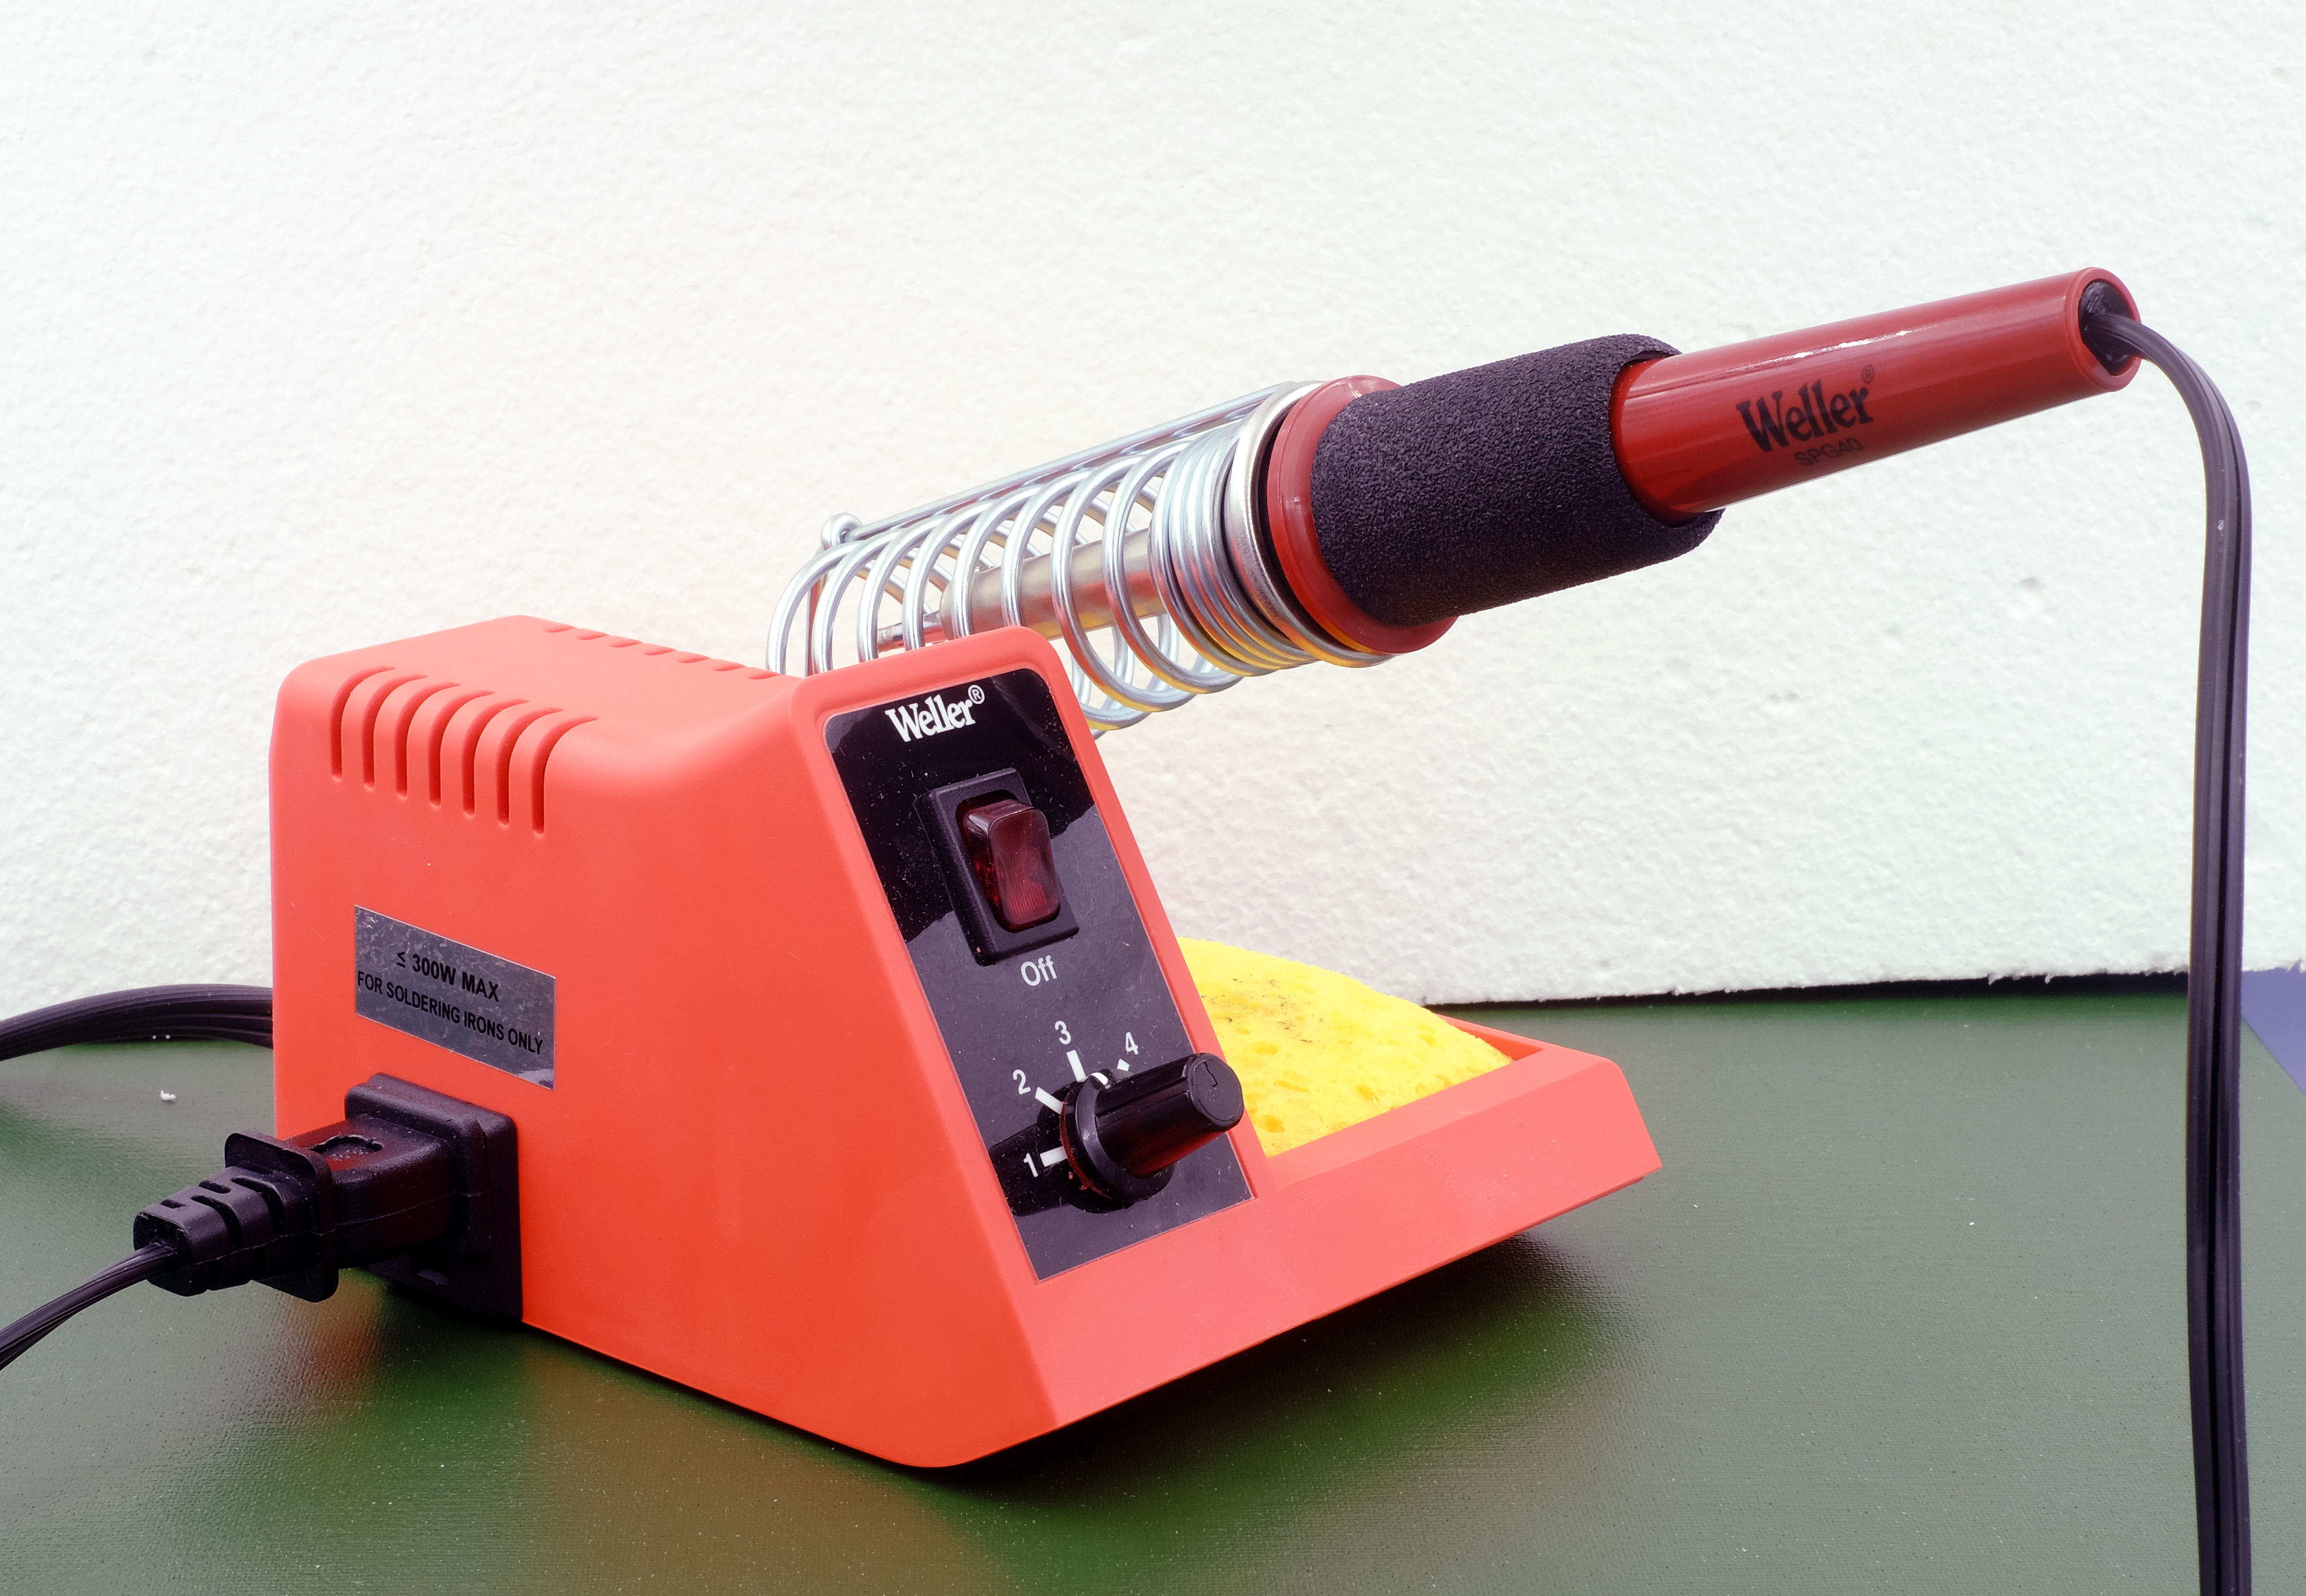 Weller Bp645 Battery Powered Soldering Iron Kit W Solder New Sealed